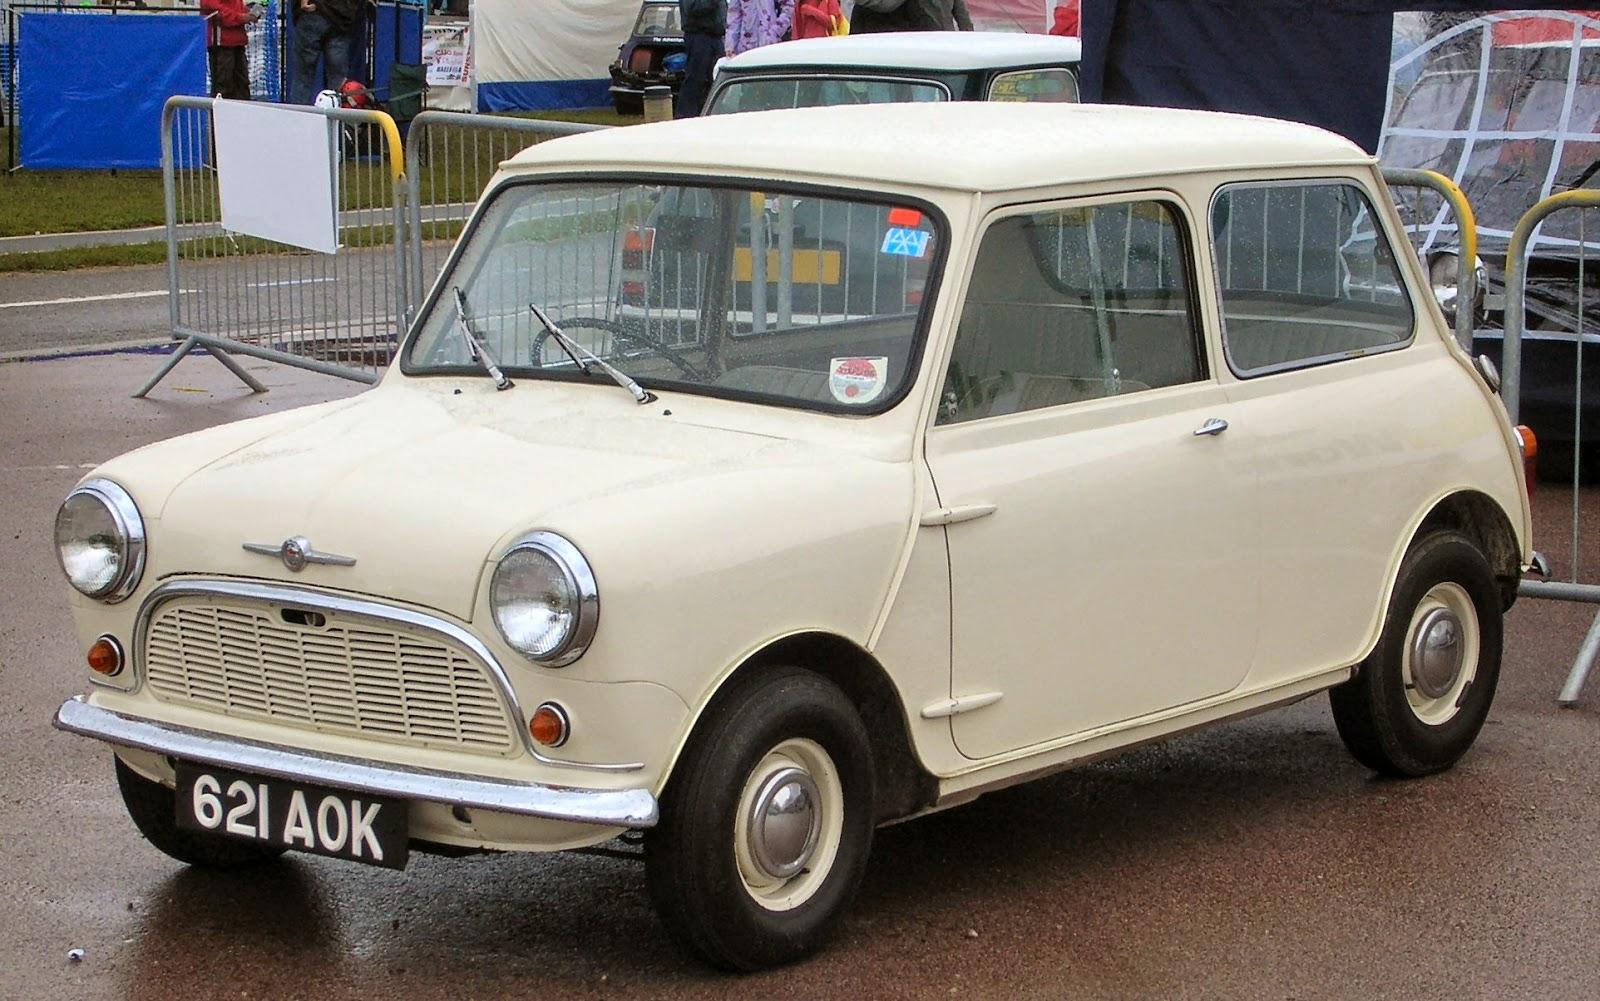 Mini Morris 621 AOK, toute première mini produite en 1959. Elle ne fut jamais vendue, et se trouve maintenant à l'Heritage Motor Centre de Gaydon, GB.